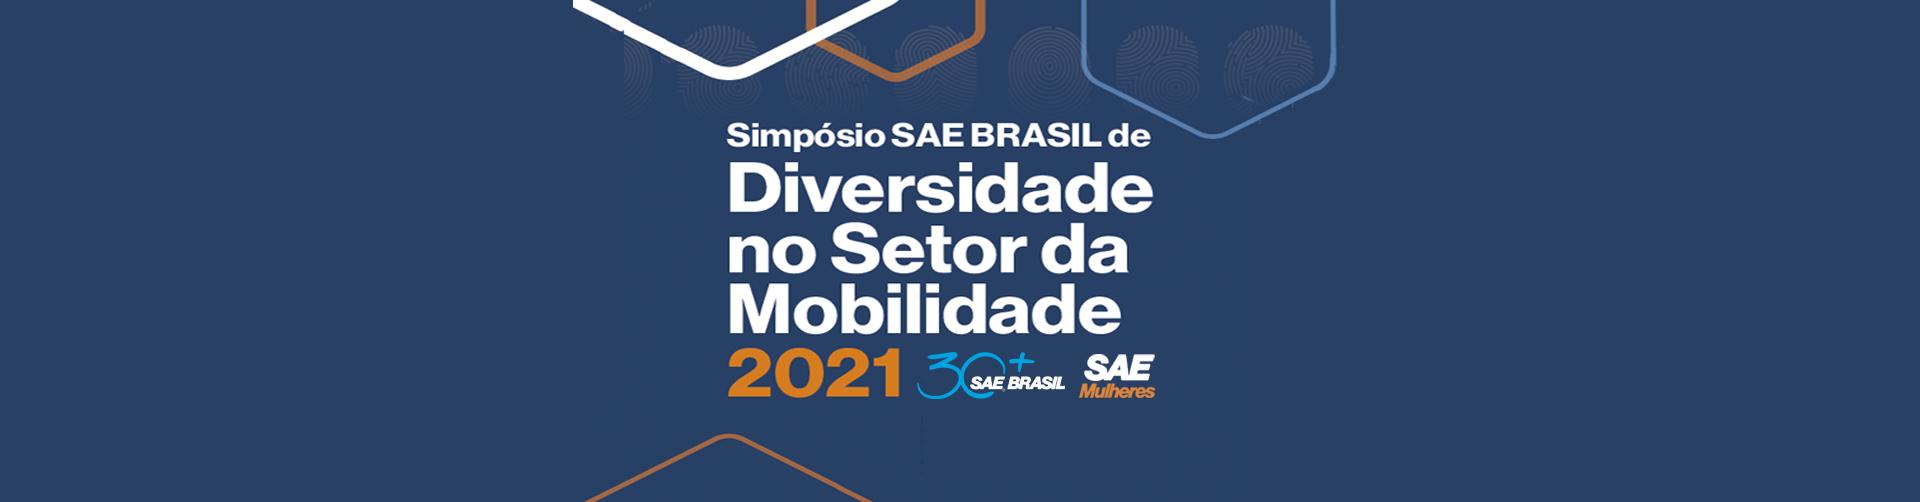 Simpósio SAE BRASIL de Diversidade no Setor da Mobilidade